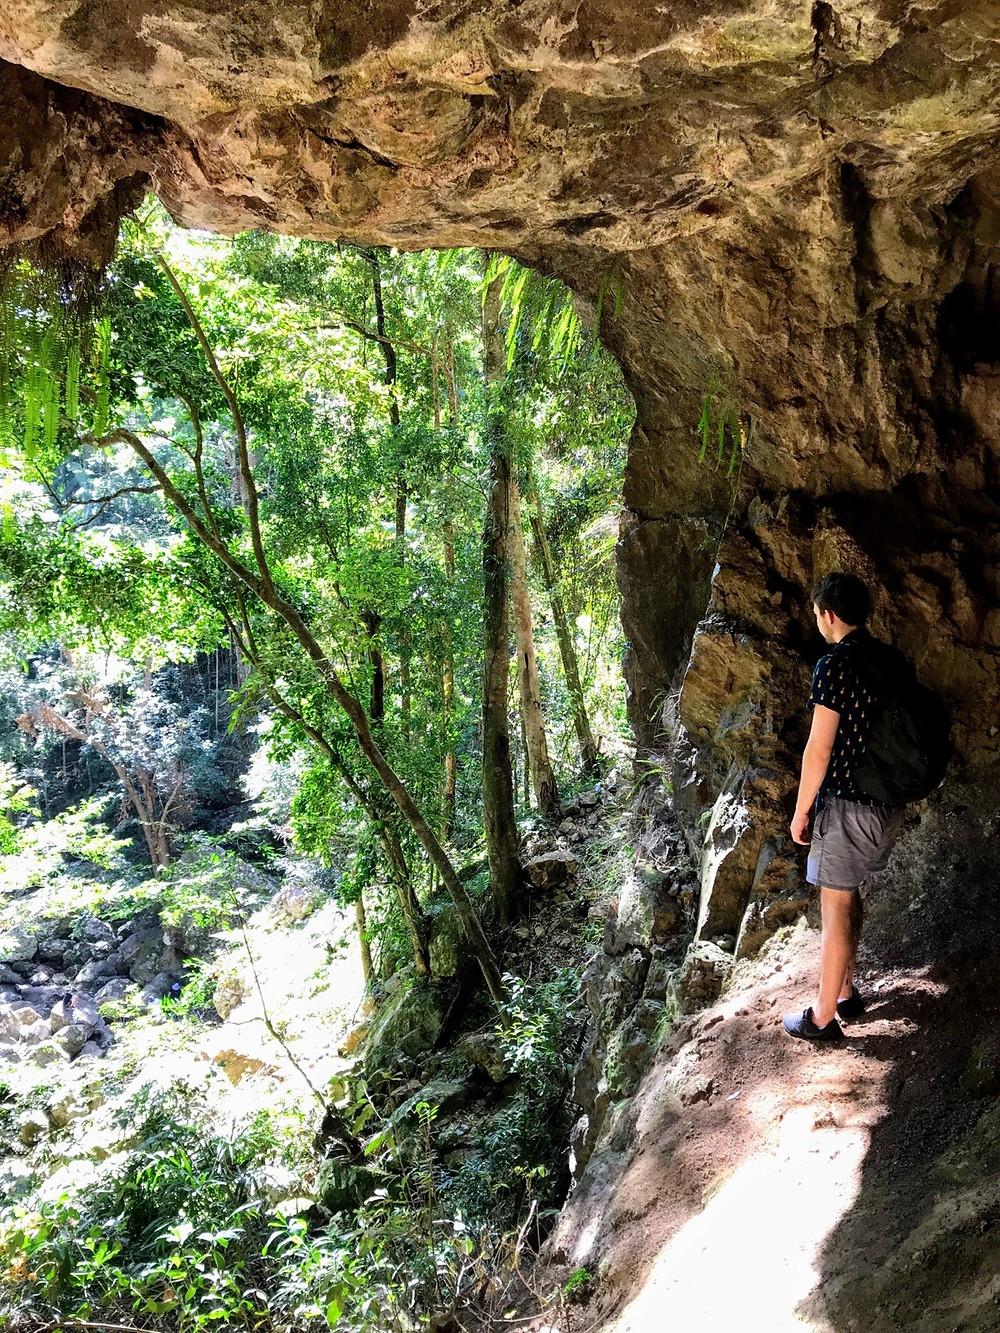 The hidden bat cave of Kondalilla Falls